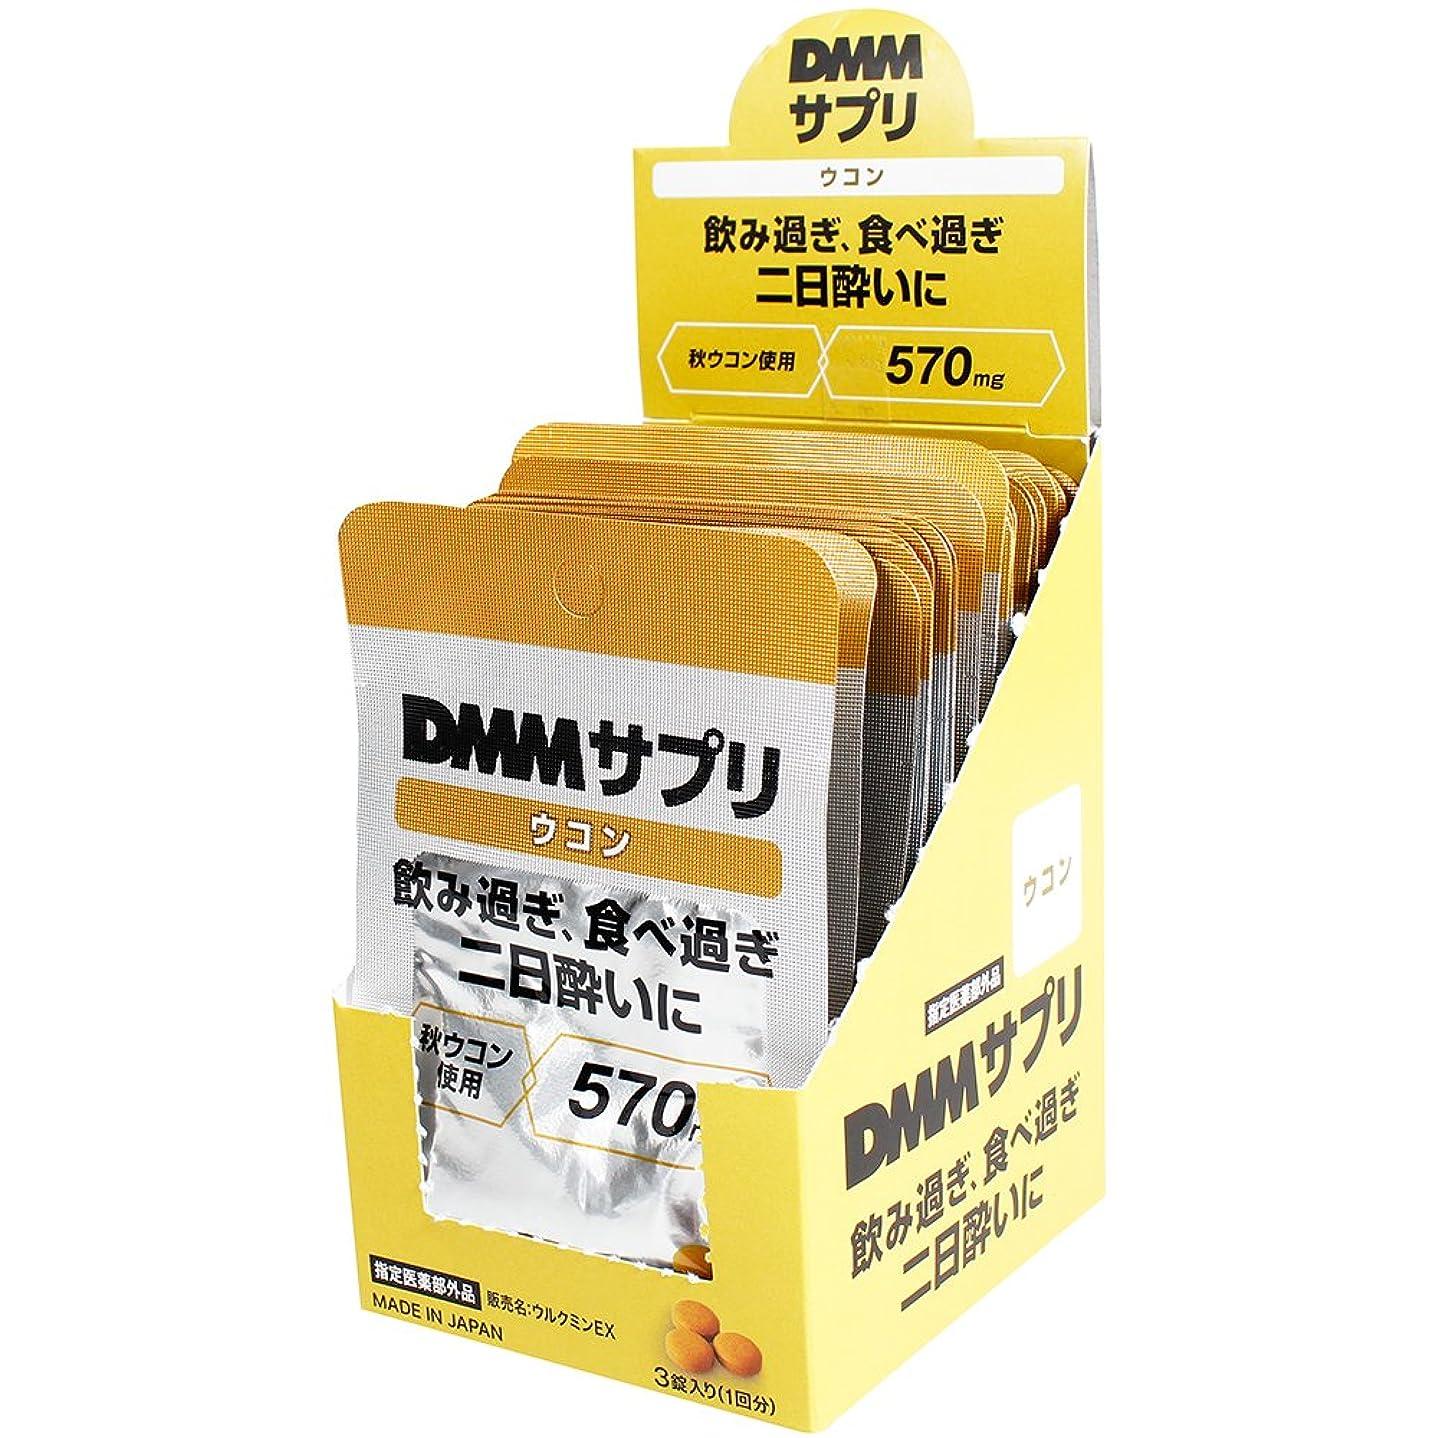 届けるスリップシューズお母さんDMM.com spl_ukon_20 DMMサプリ ウコン (3粒×20包)